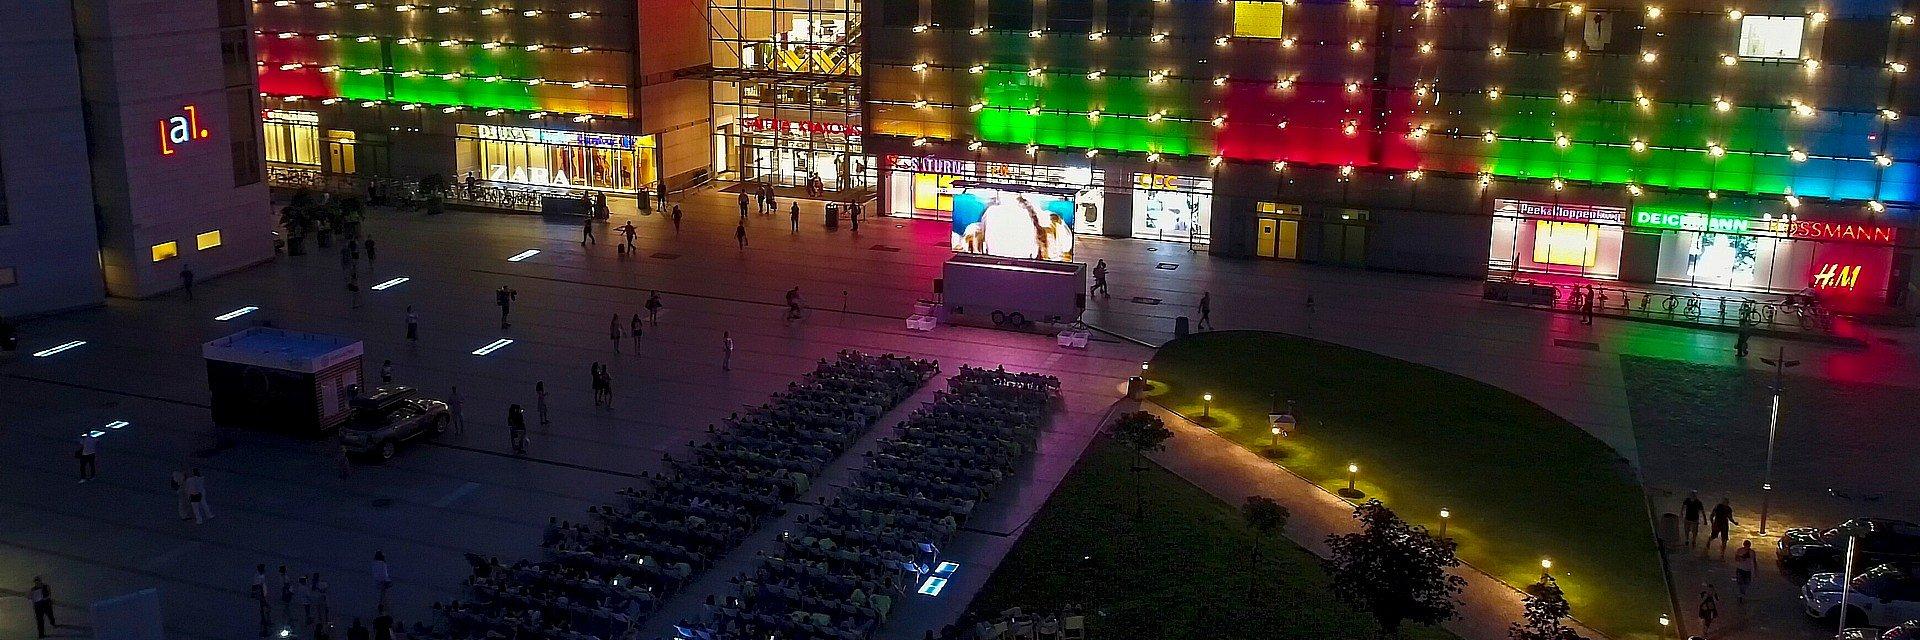 Kino pod gwiazdami przed Galerią Krakowską